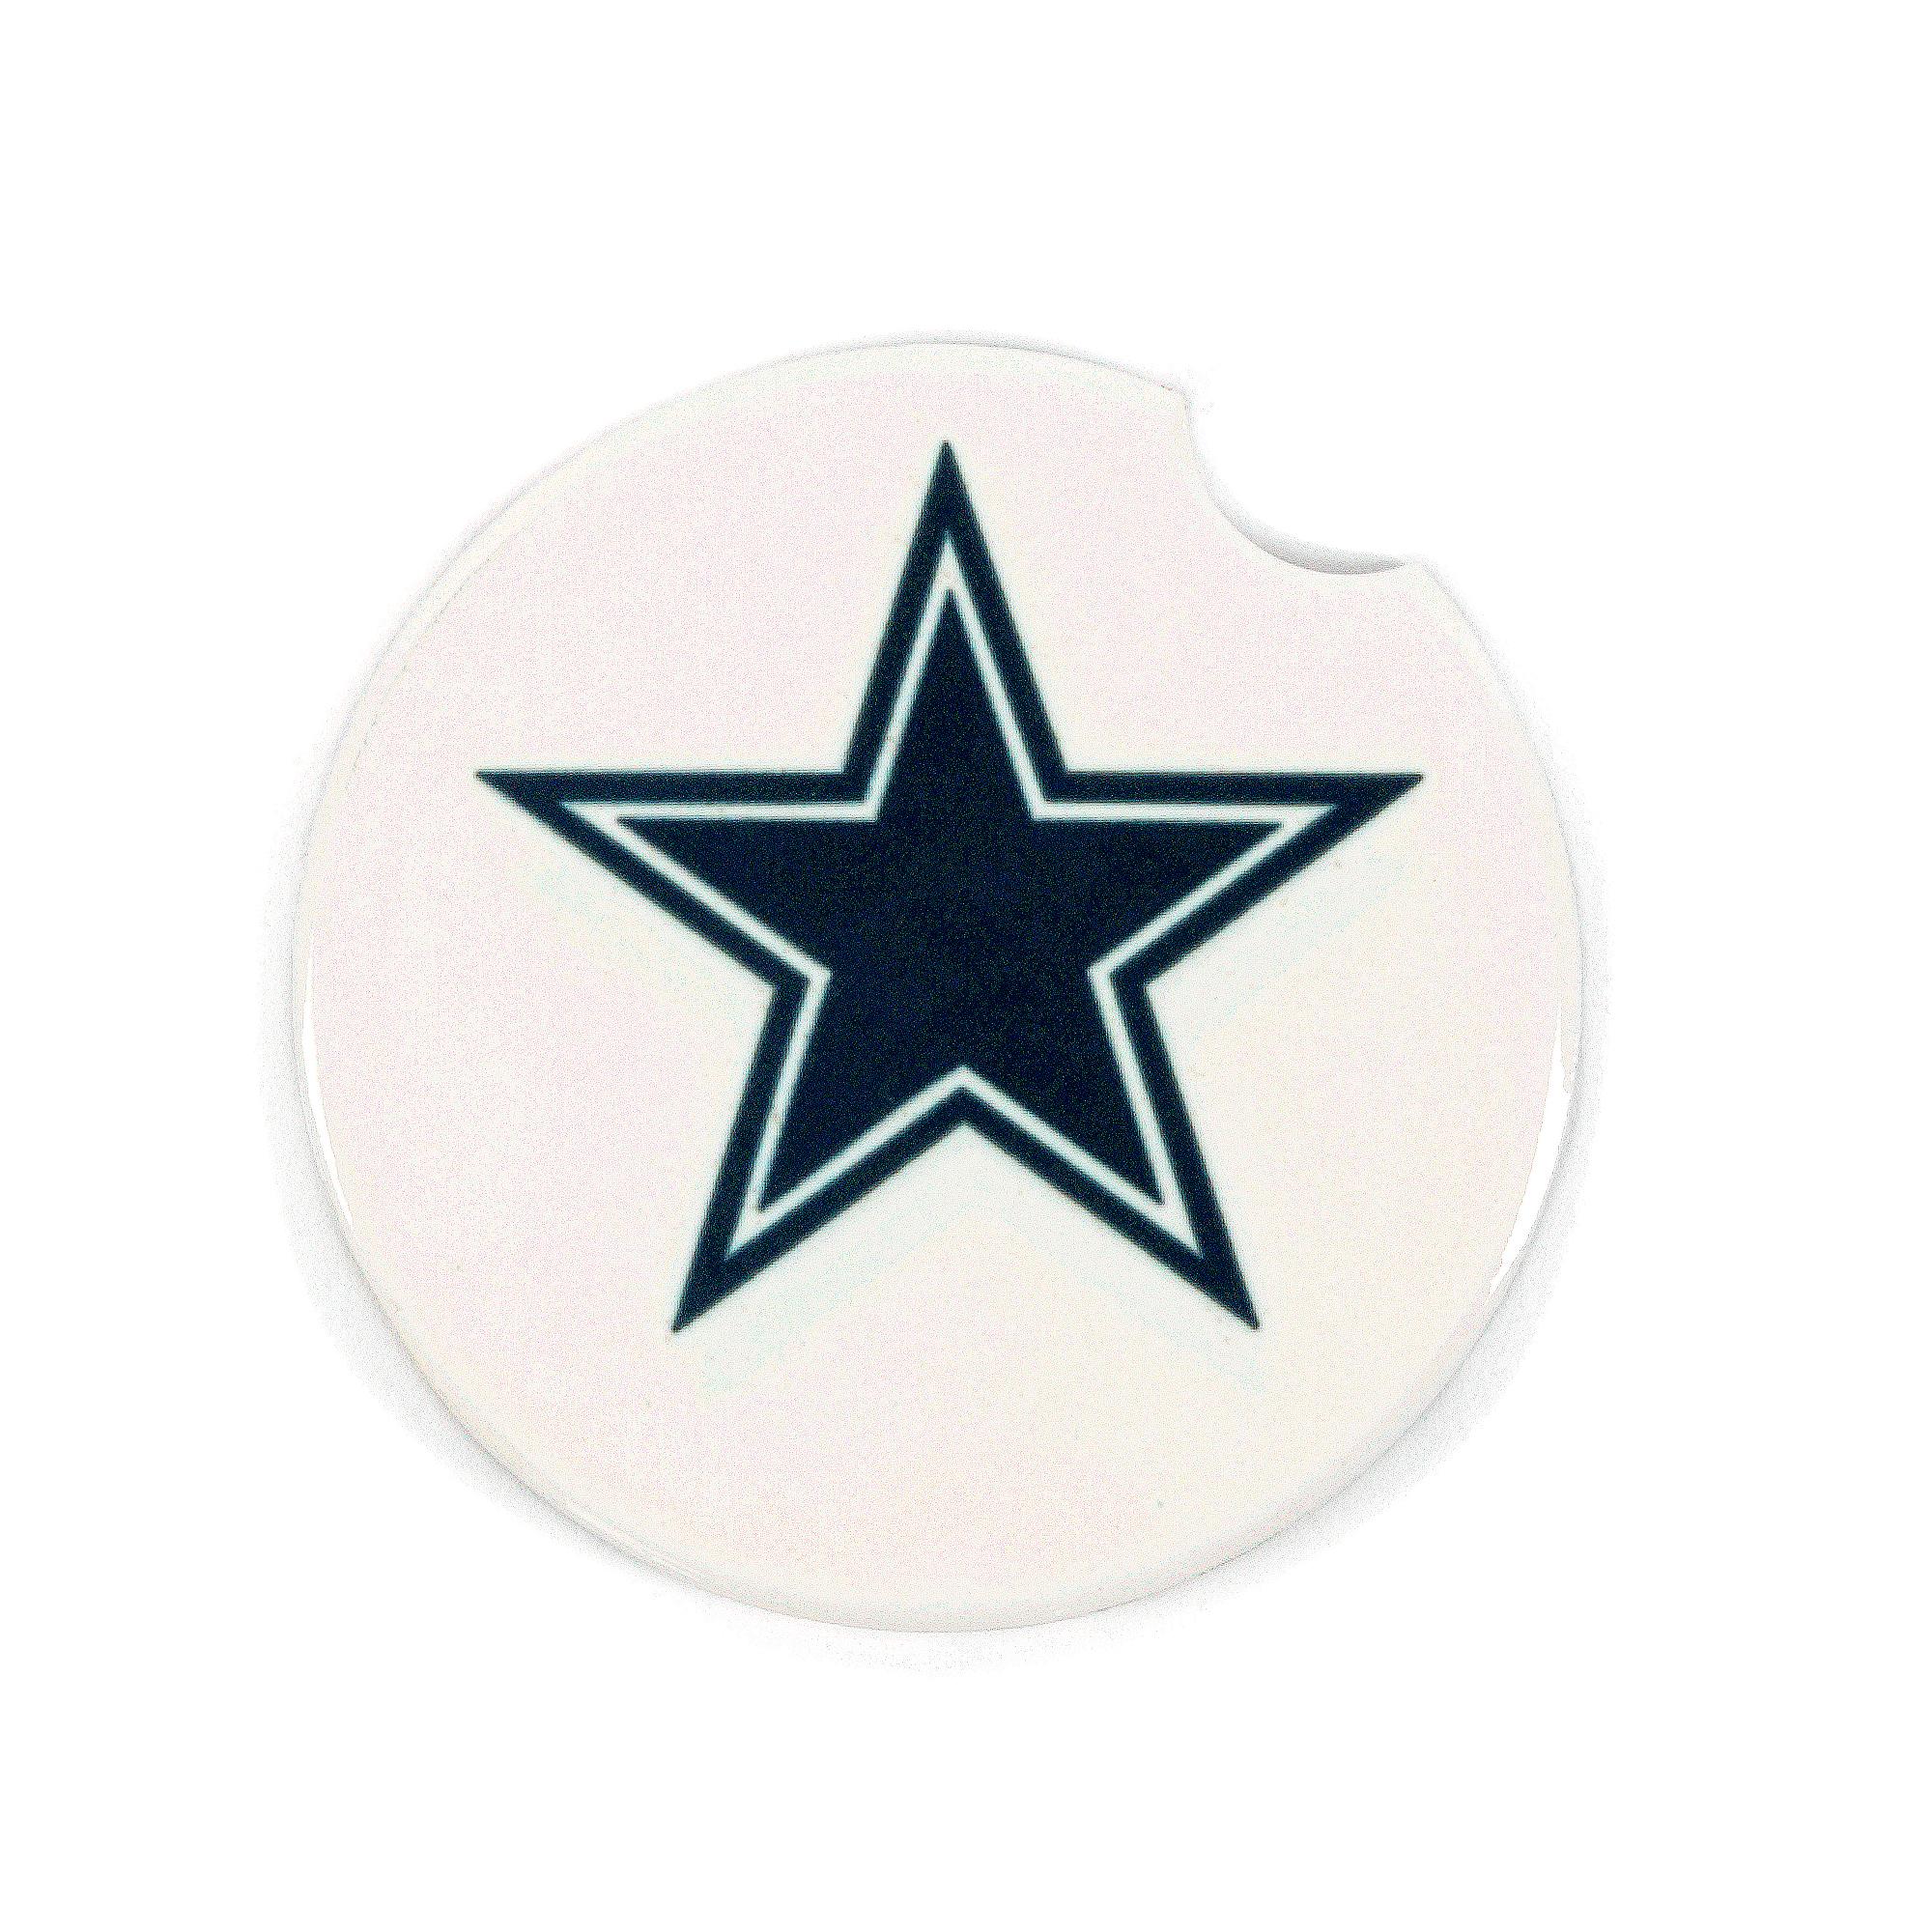 Dallas Cowboys Ceramic White Star Coaster